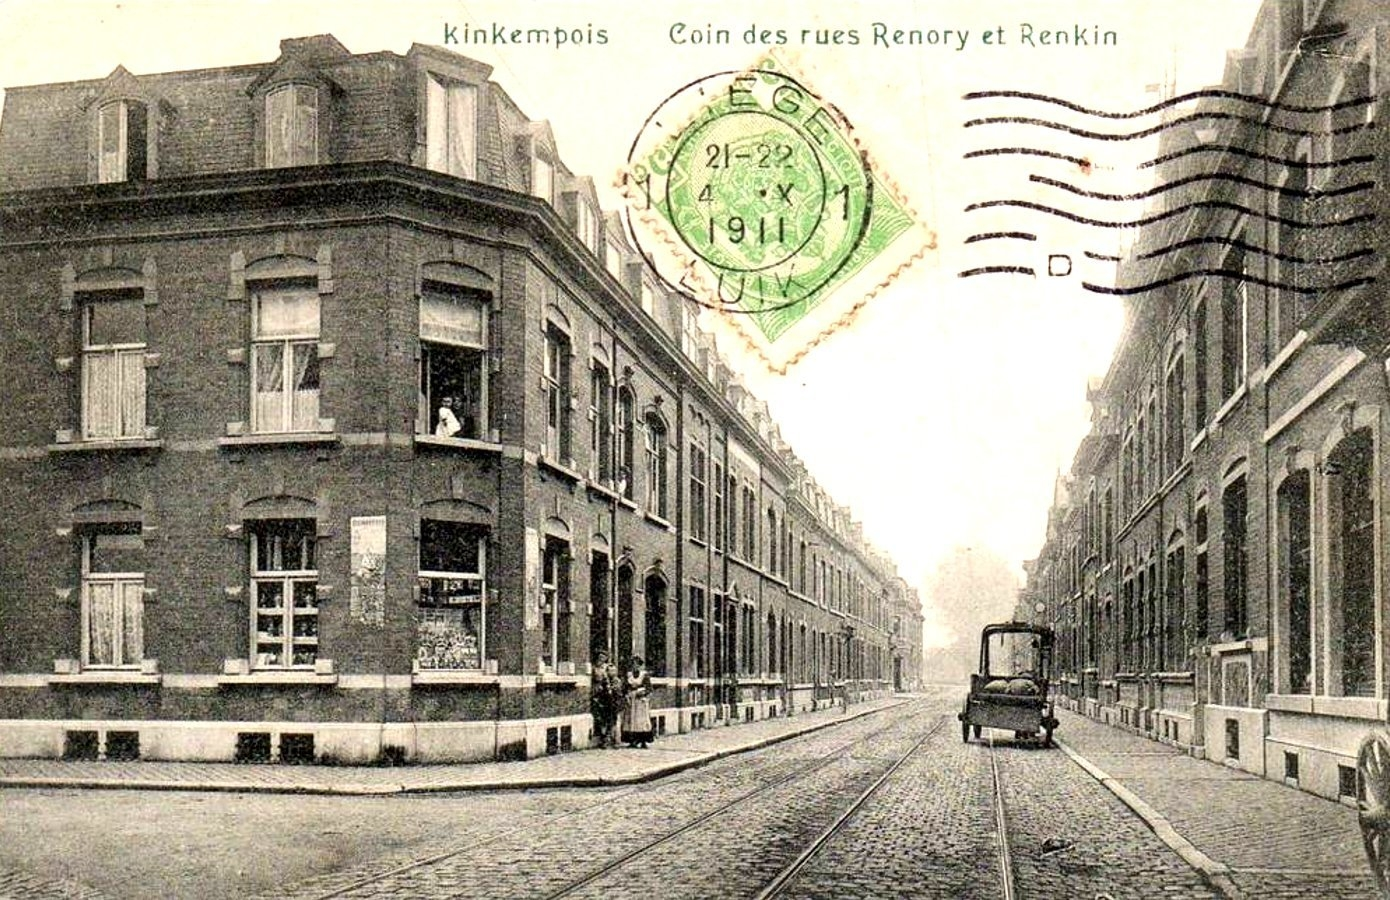 Liège -  Quartier de Kinkempois - Coin des rues Renory et Renkin.